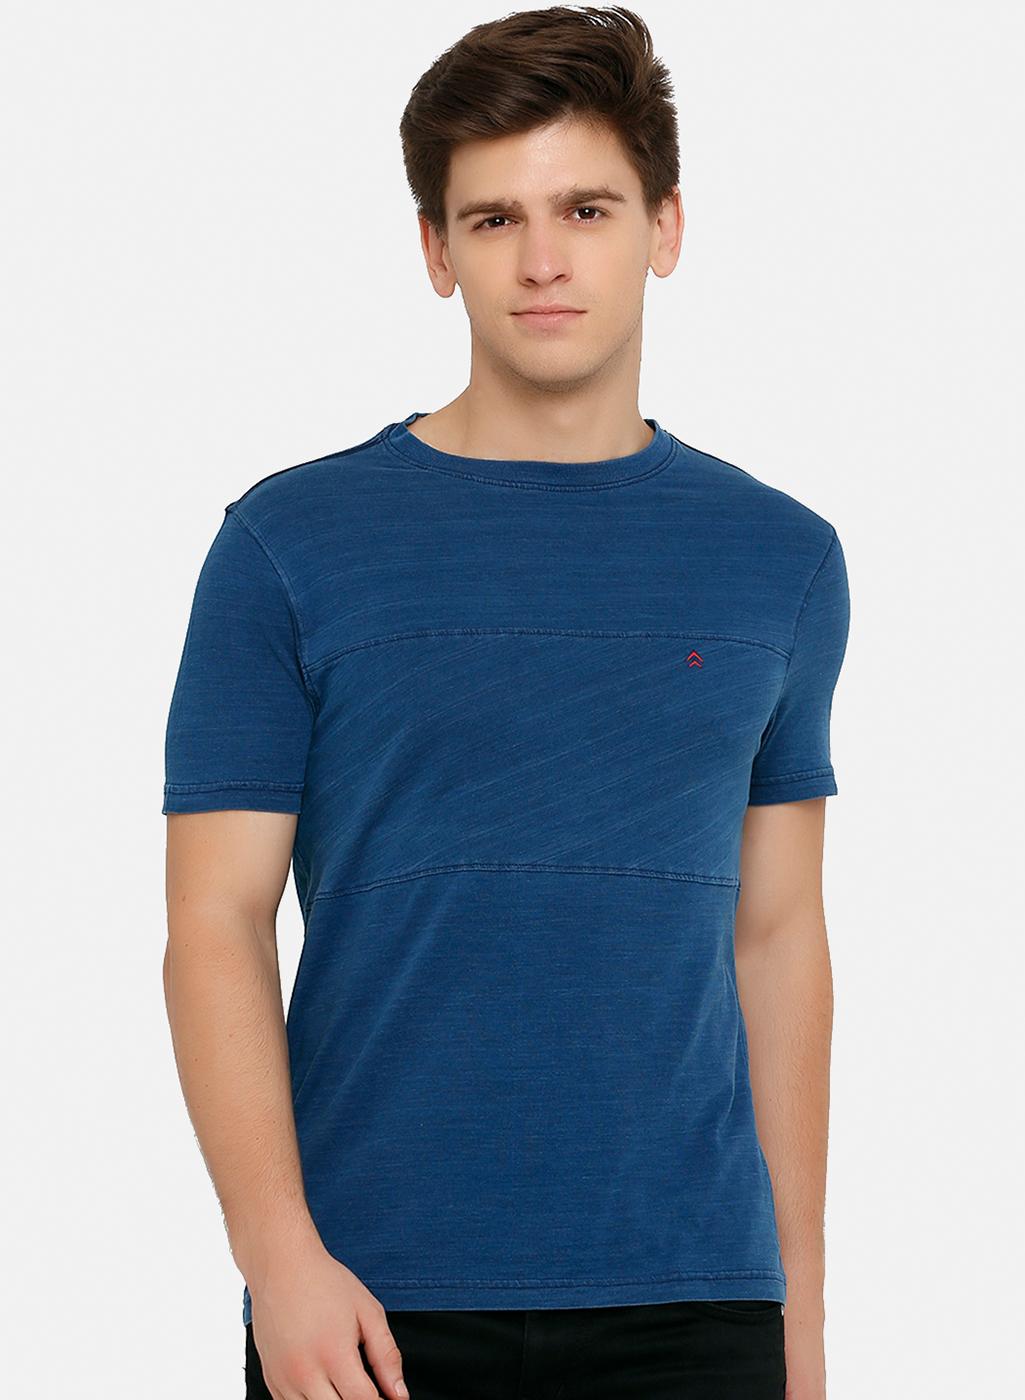 Steenbok | Steenbok Navy Blue Short Sleeves Round Neck Tshirt